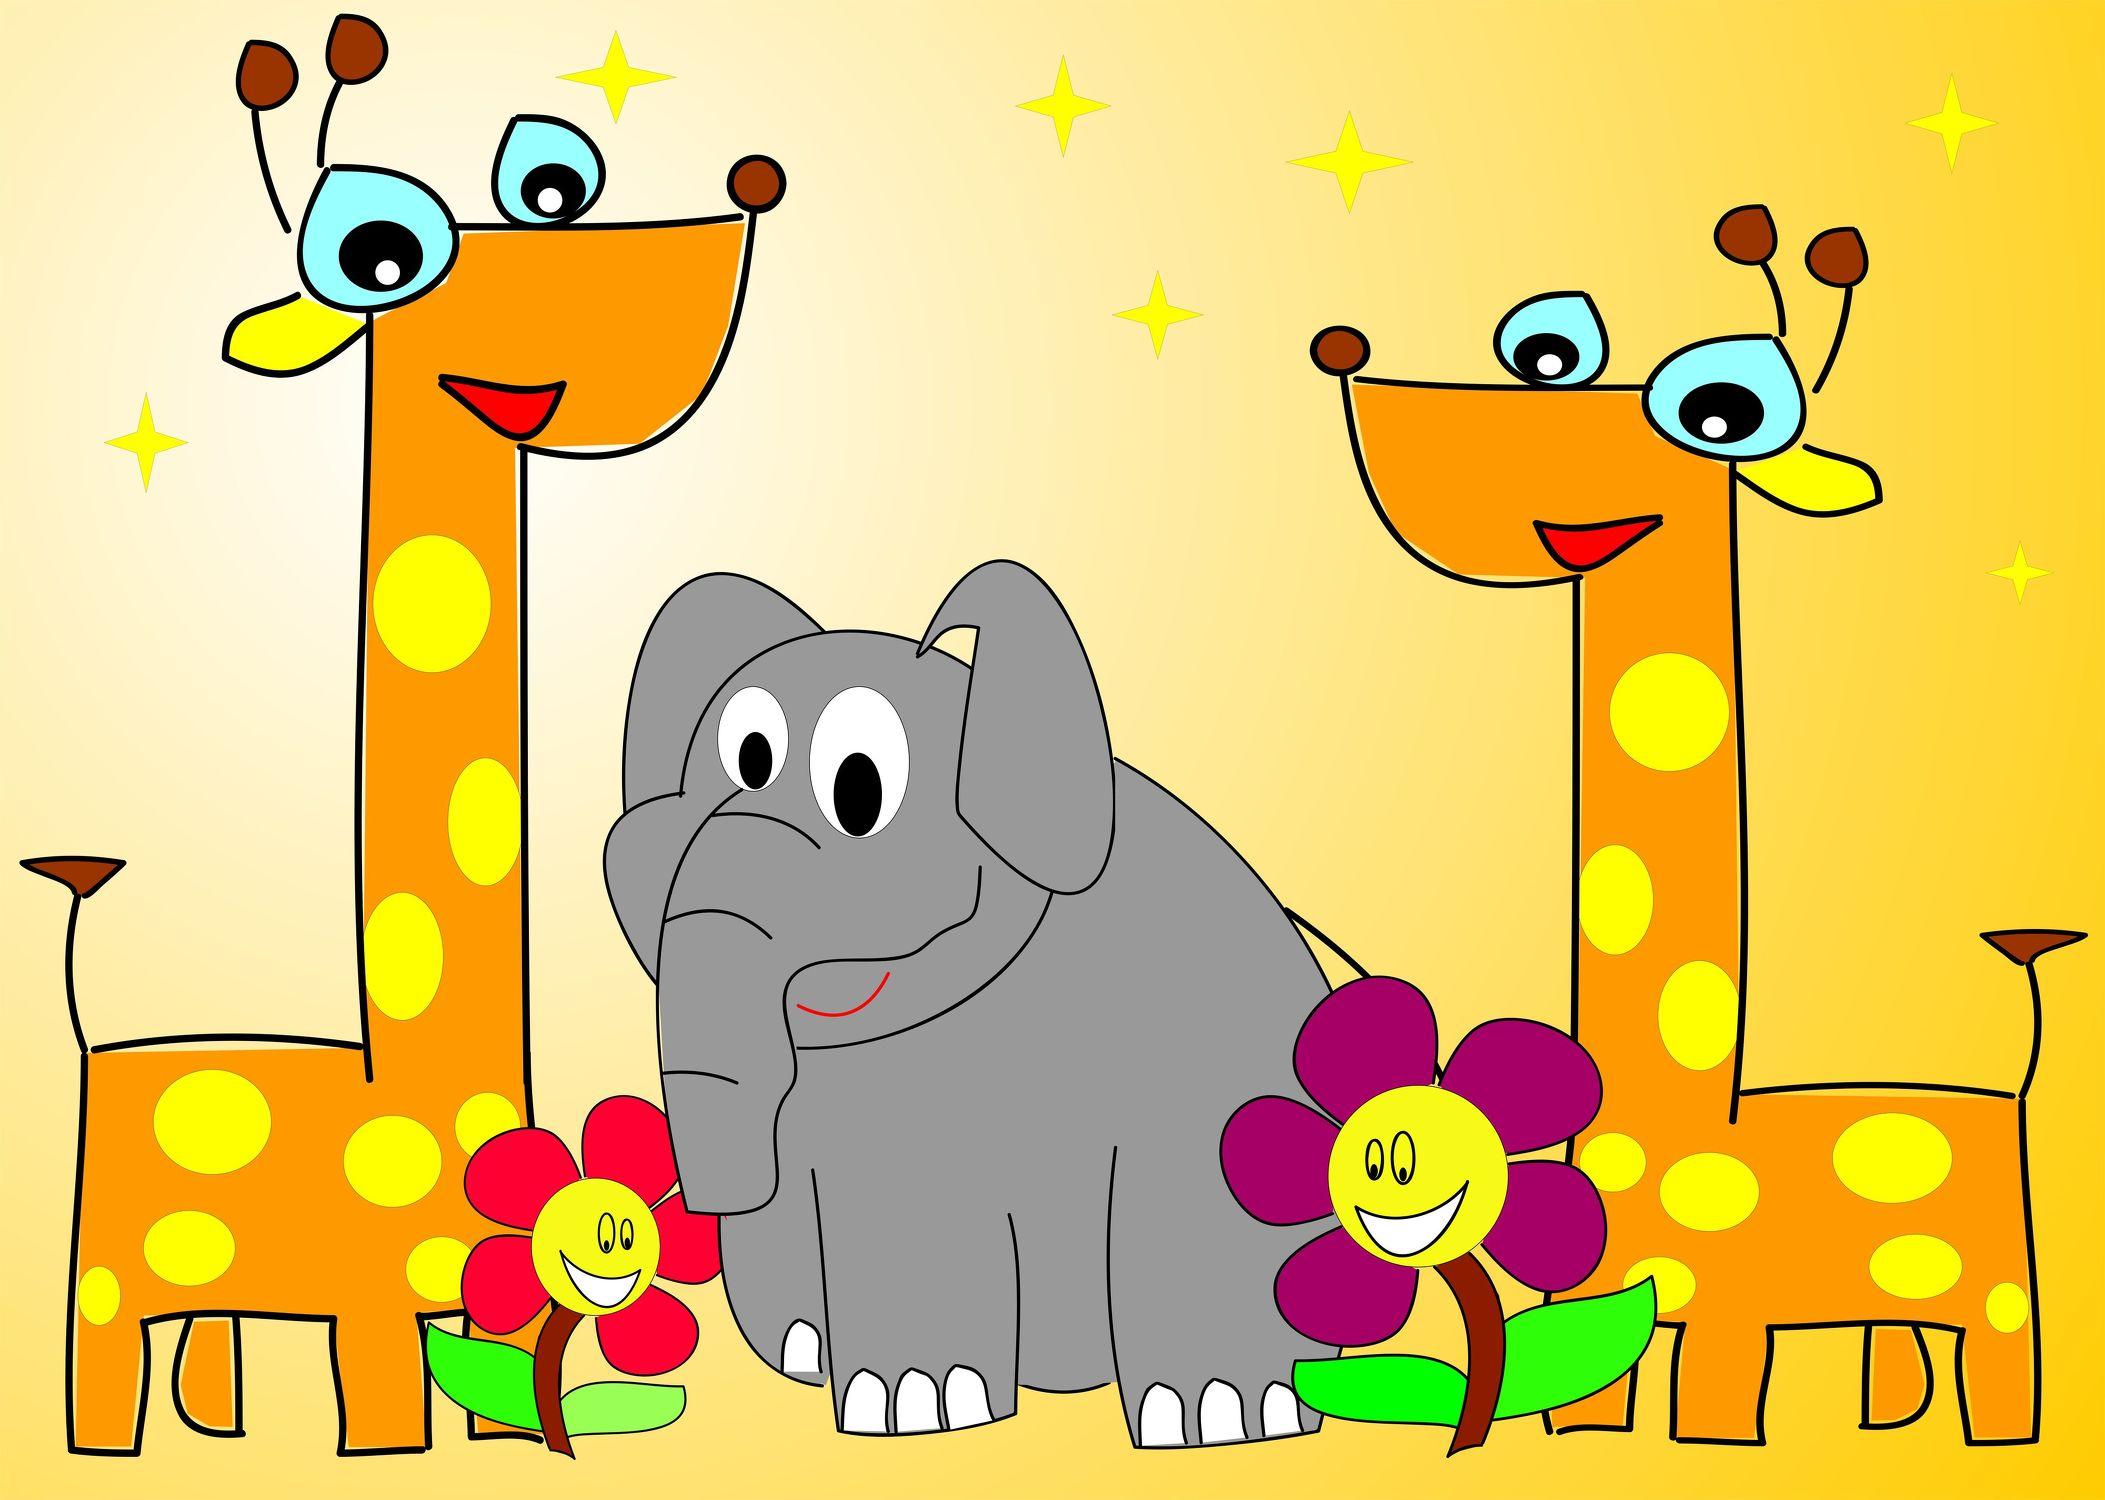 Bild mit Zeichnung, Illustration, Kinderbild, Kinderbilder, Kinderzimmer, Giraffe, Kinder, Elefant, Elephant